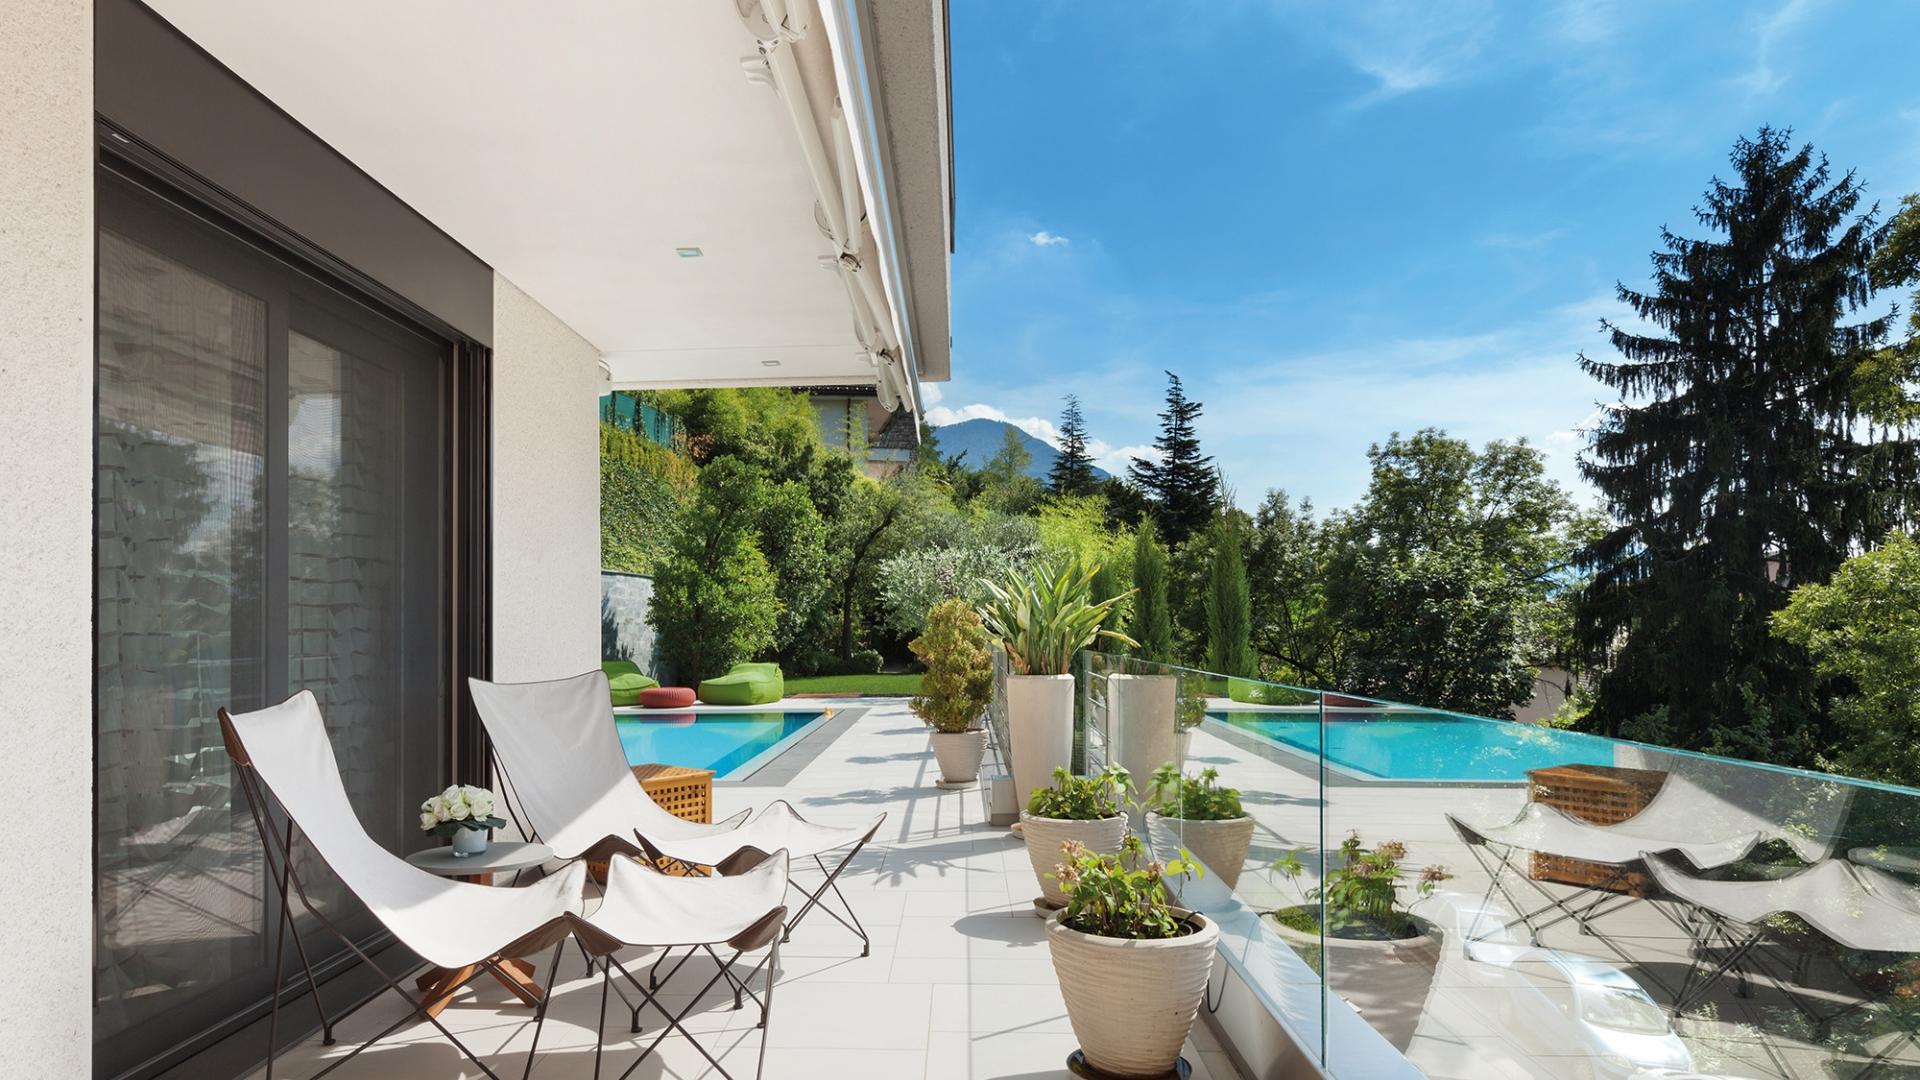 Moustiquaire baies vitrées piscine